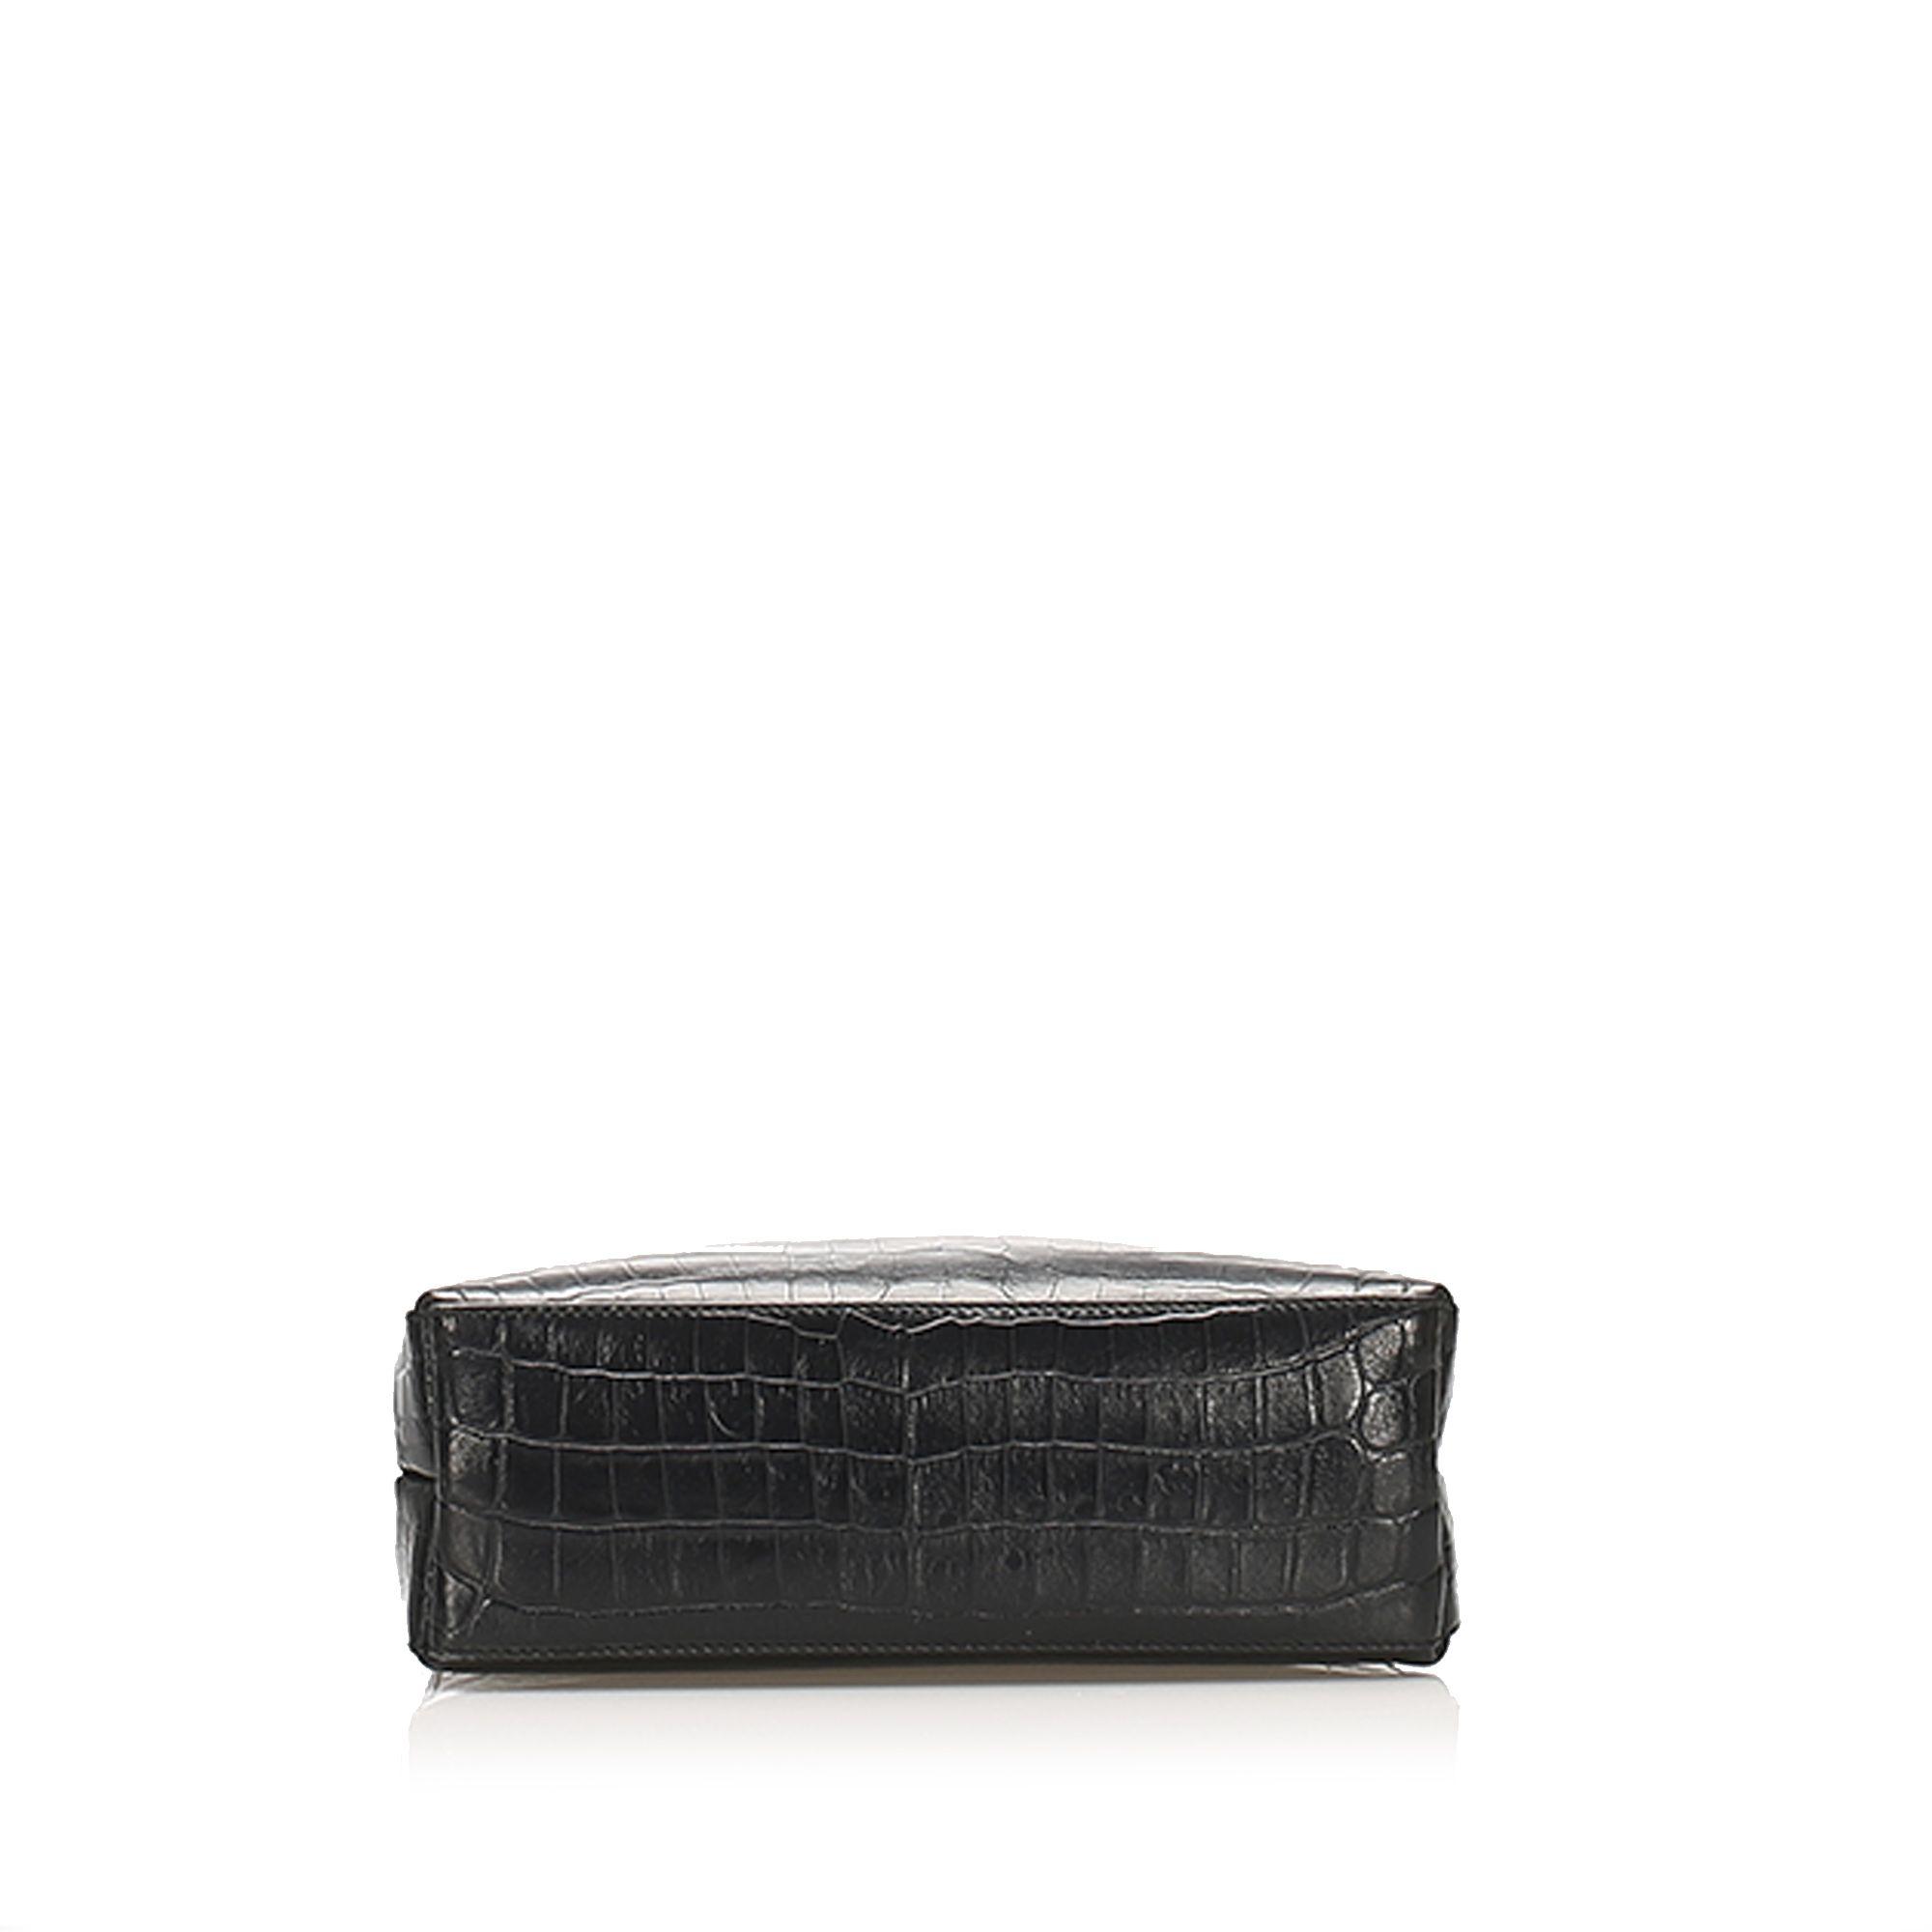 Vintage Ferragamo Vara Croc Embossed Leather Satchel Black